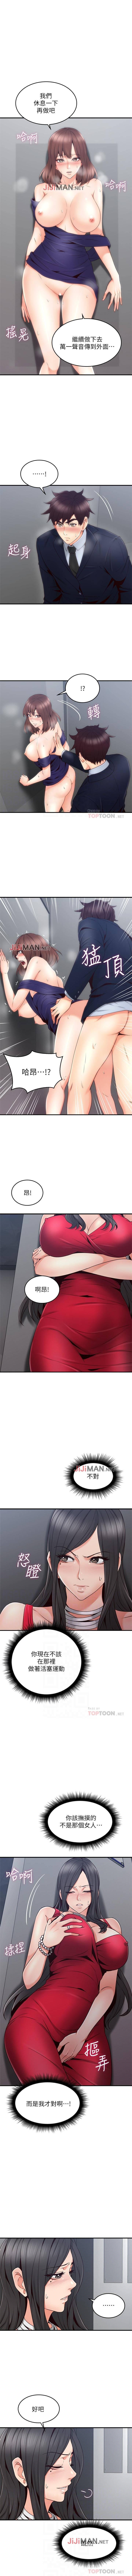 【周六更新】邻居人妻(作者:李周元 & 頸枕) 第1~50话 169